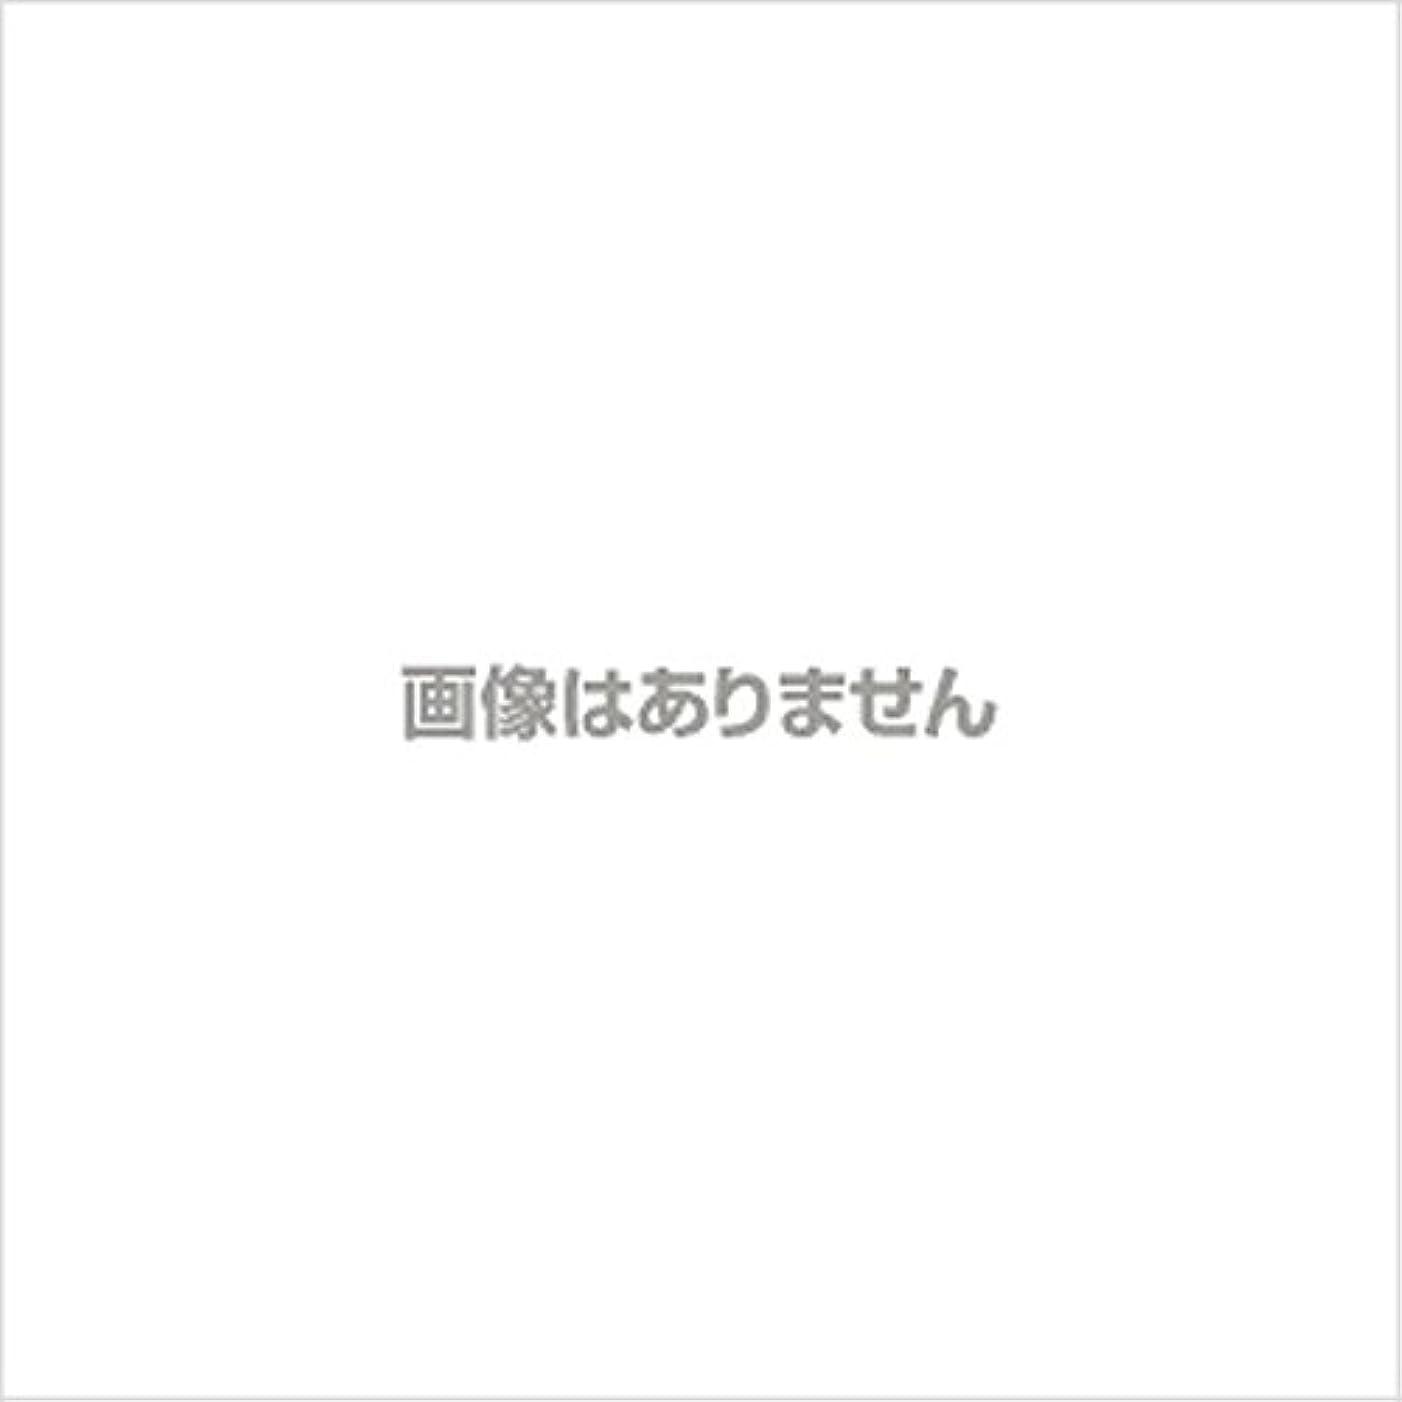 アコード案件謝罪するプラスチックグローブNO.3000 M